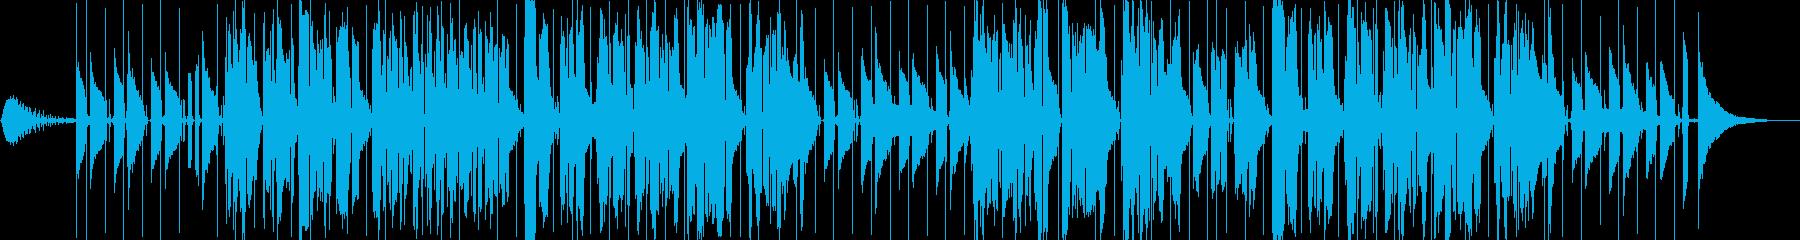 ほのぼのとした雰囲気の弾き語りの再生済みの波形